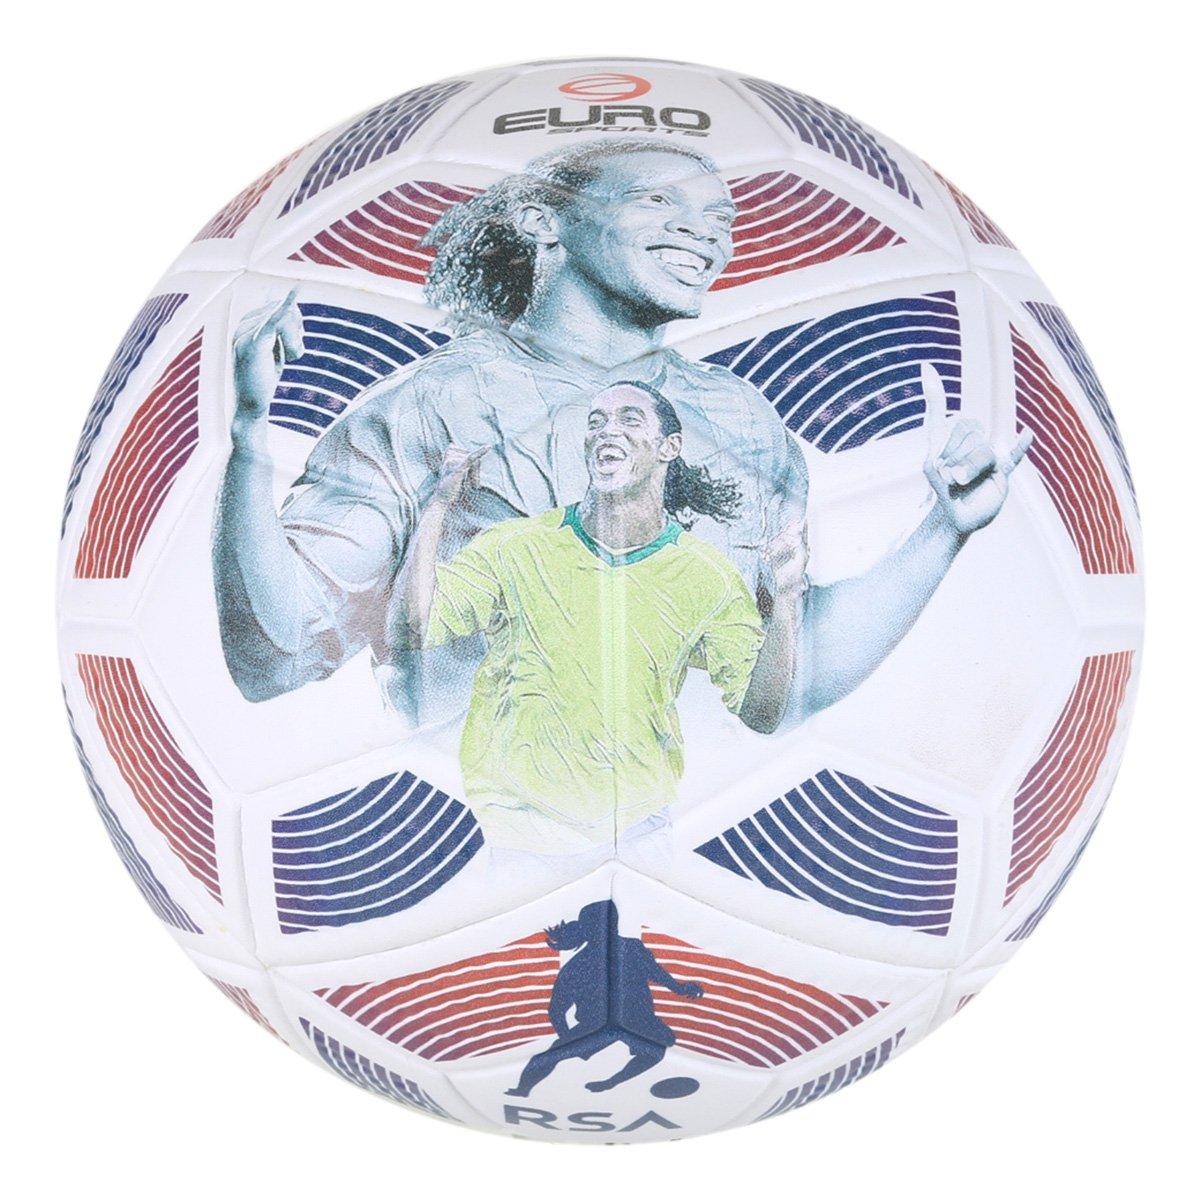 Bola de Futebol Campo Euro Fusion 3D Ronaldinho 2021